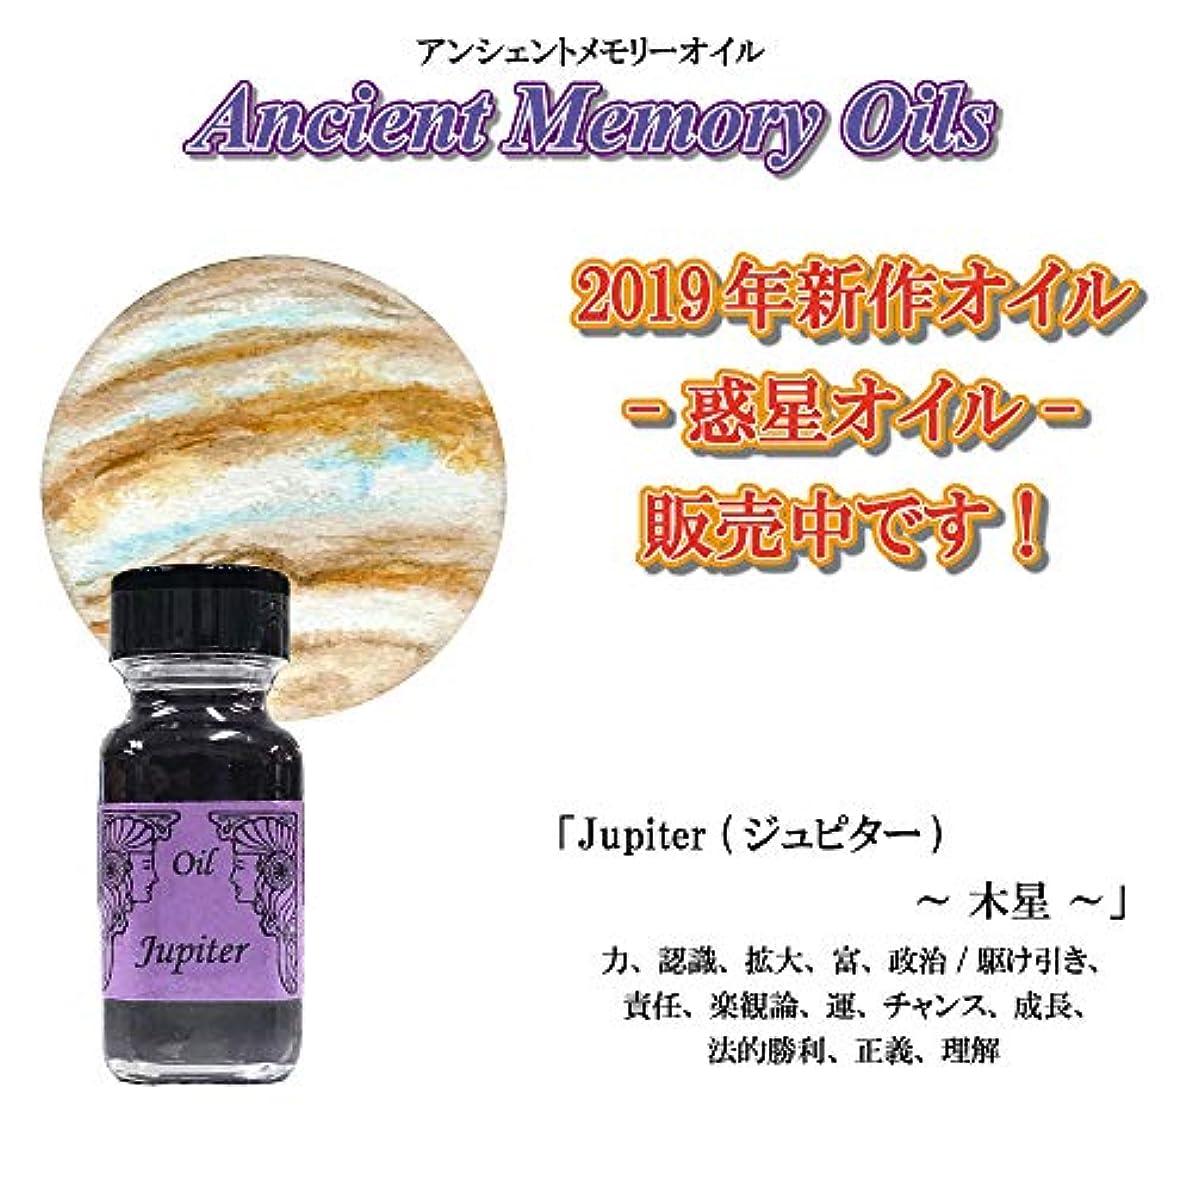 ラッシュ過度に練習SEDONA Ancient Memory Oils セドナ アンシェントメモリーオイル 惑星オイル Jupiter 木星 ジュピター 15ml